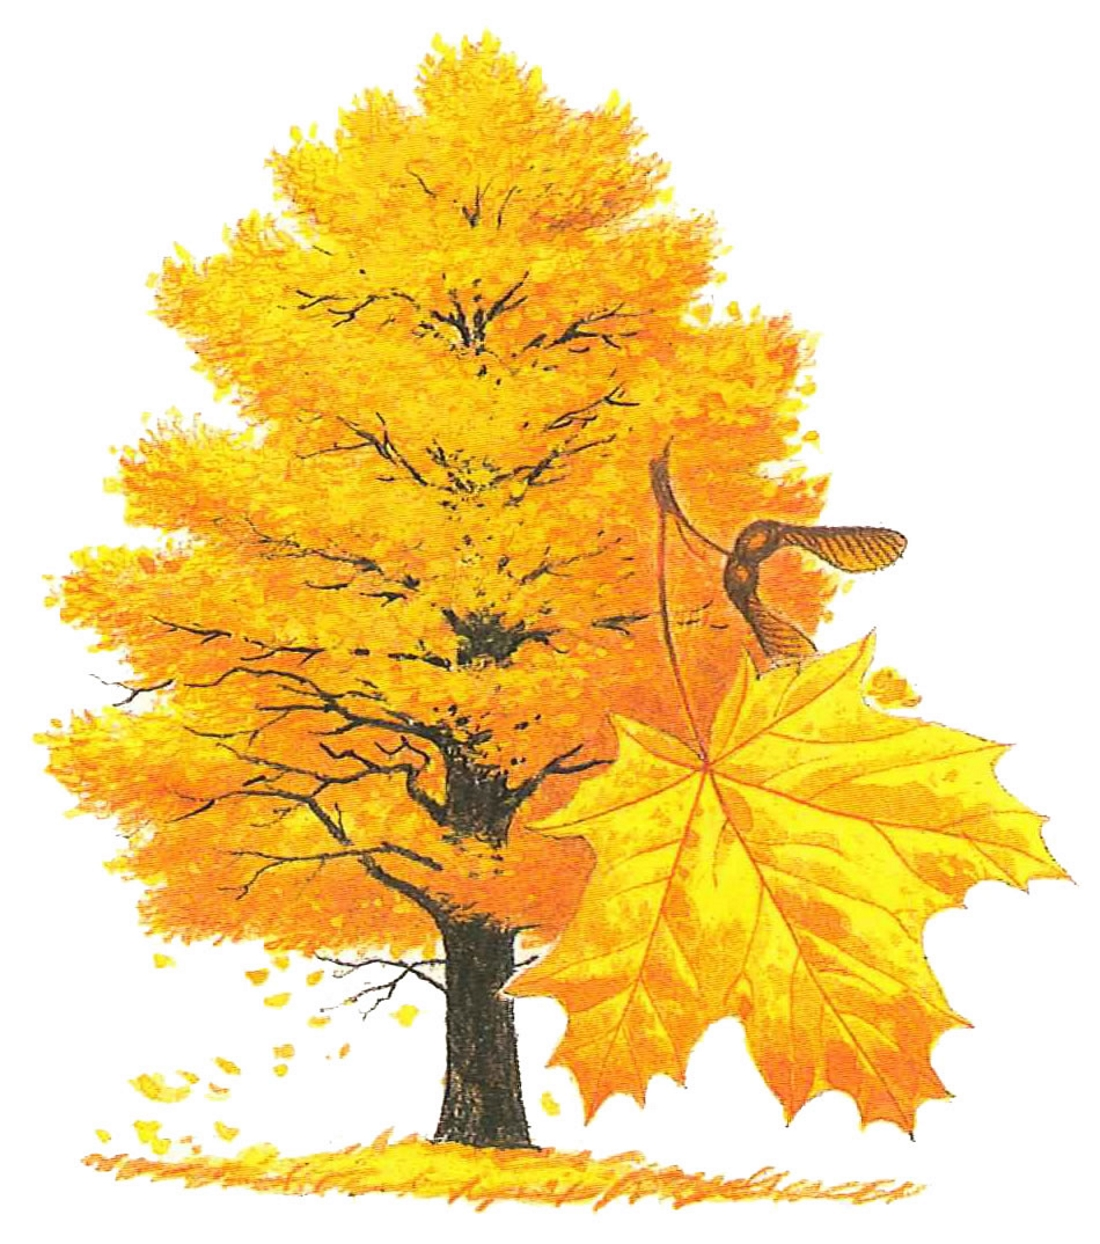 Картинки с изображением деревьев и листьев